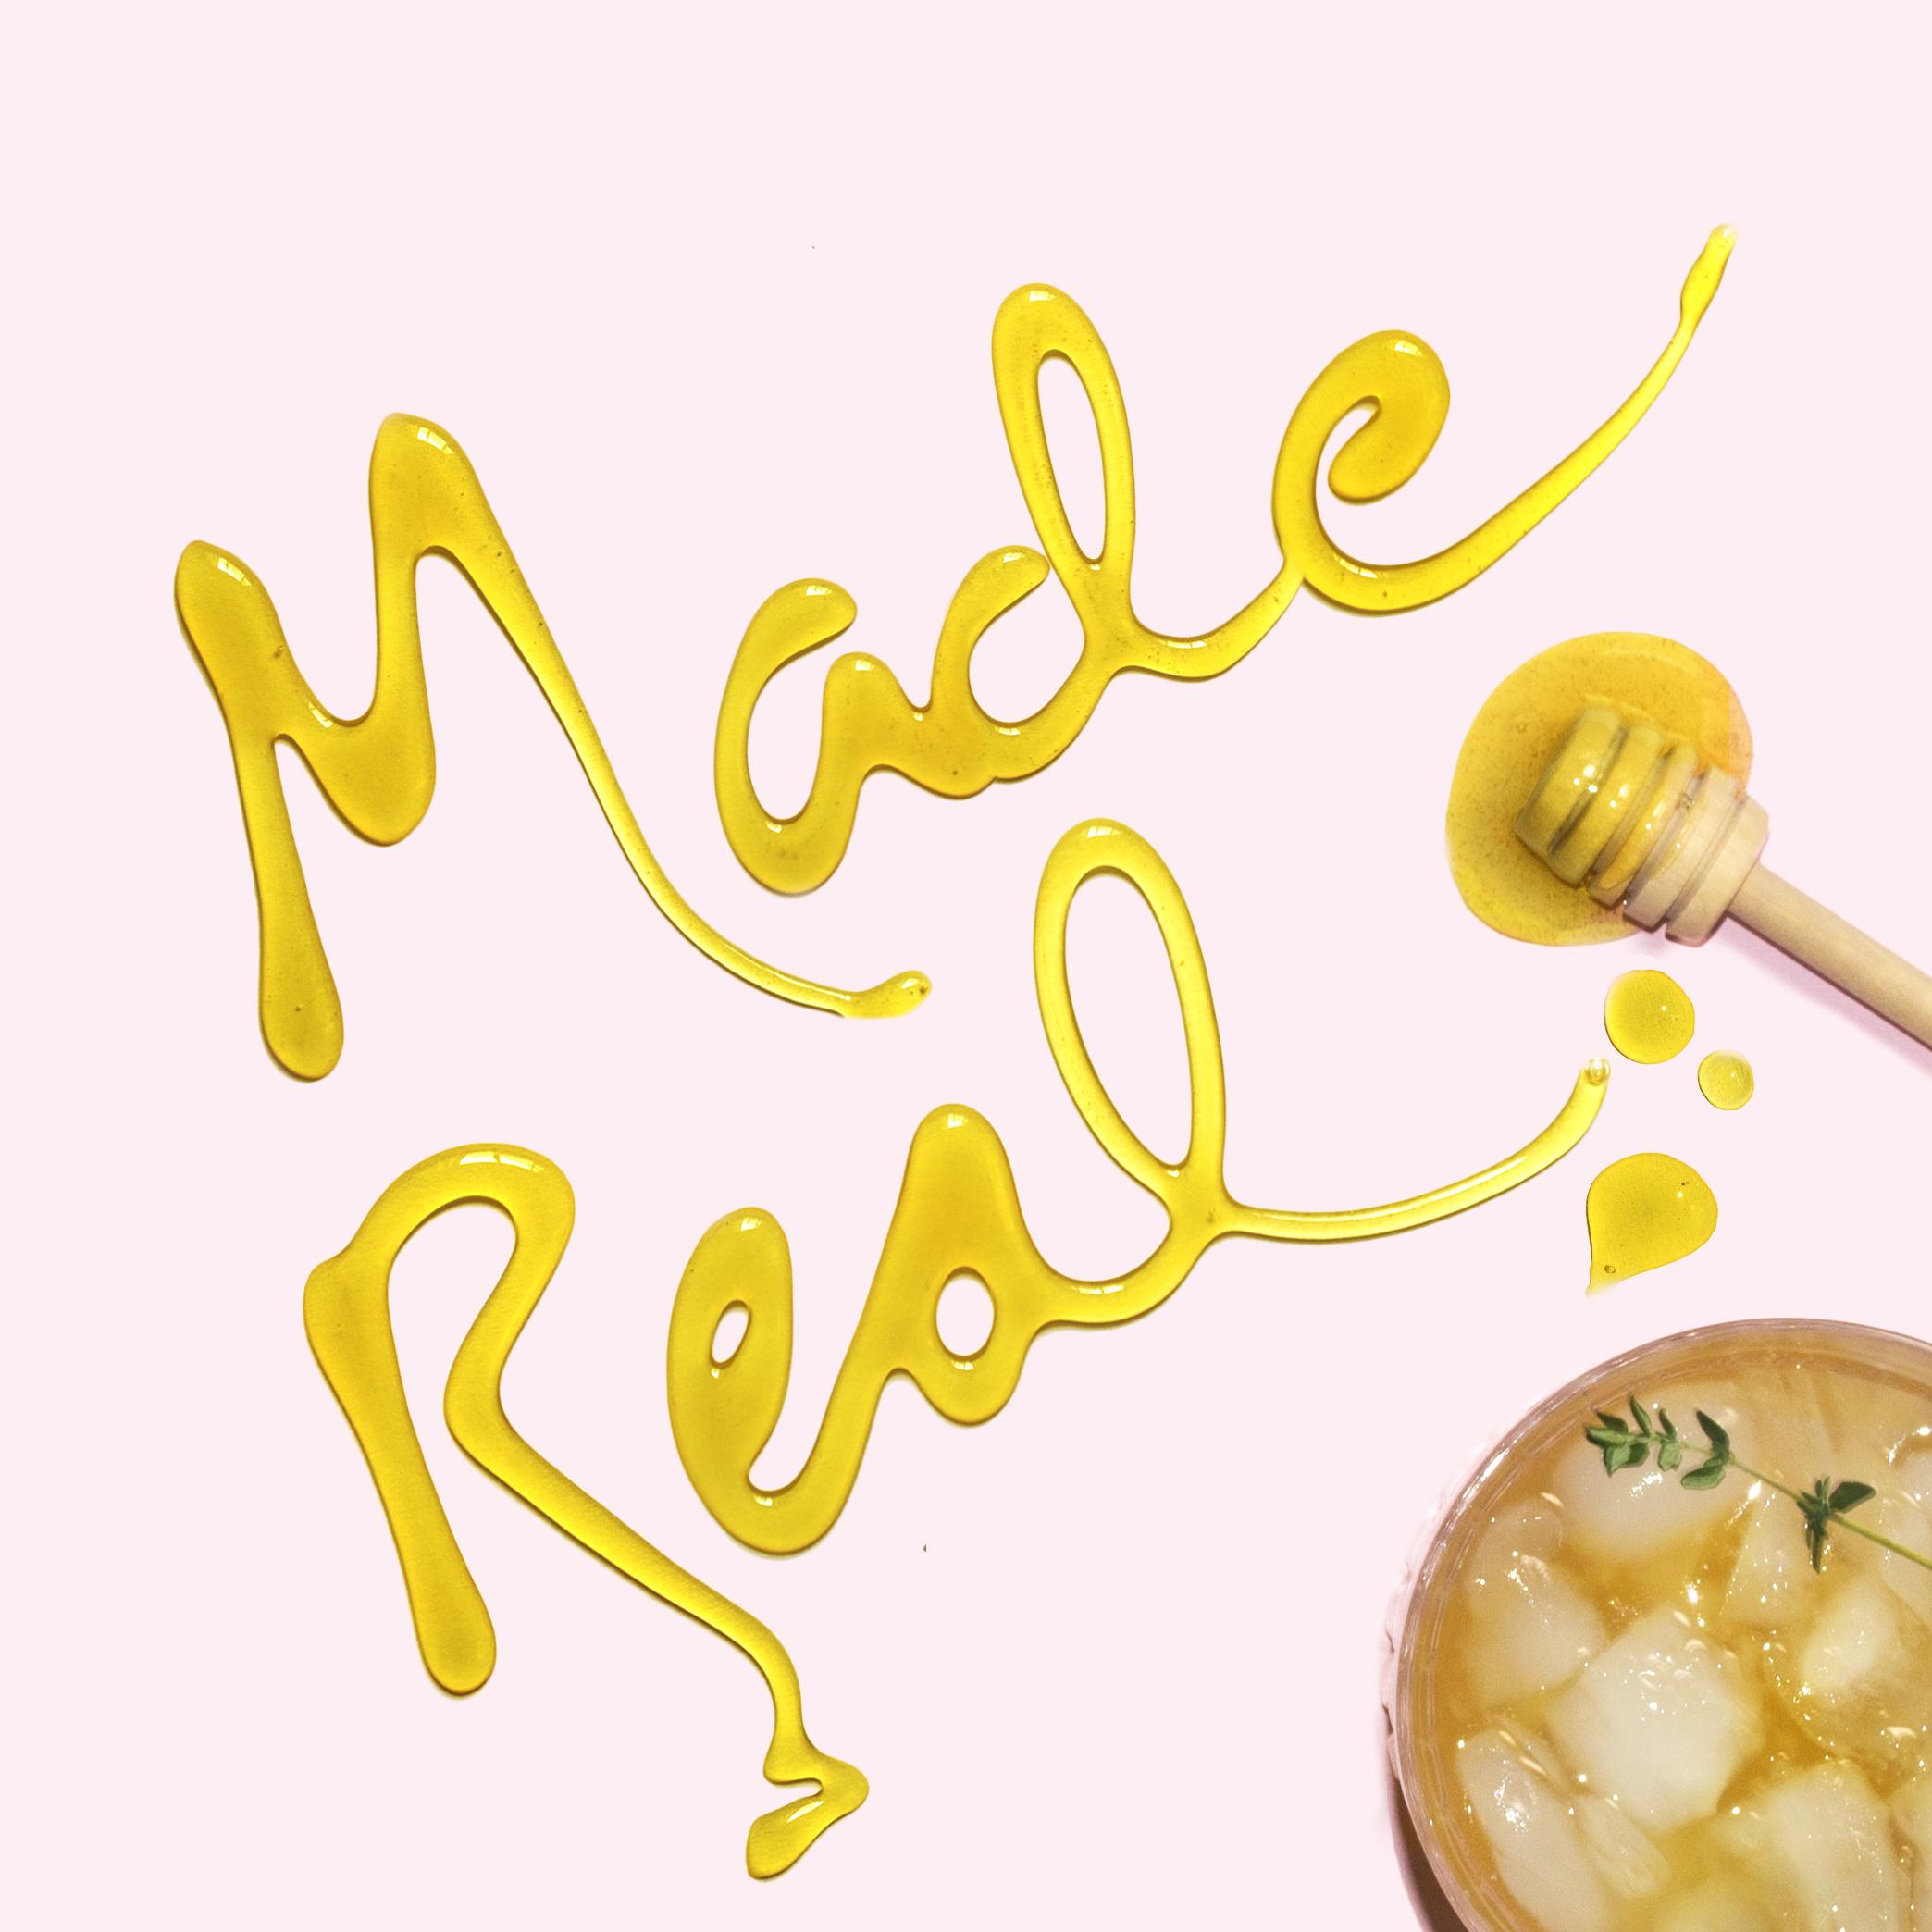 madereal-honey-type.jpg